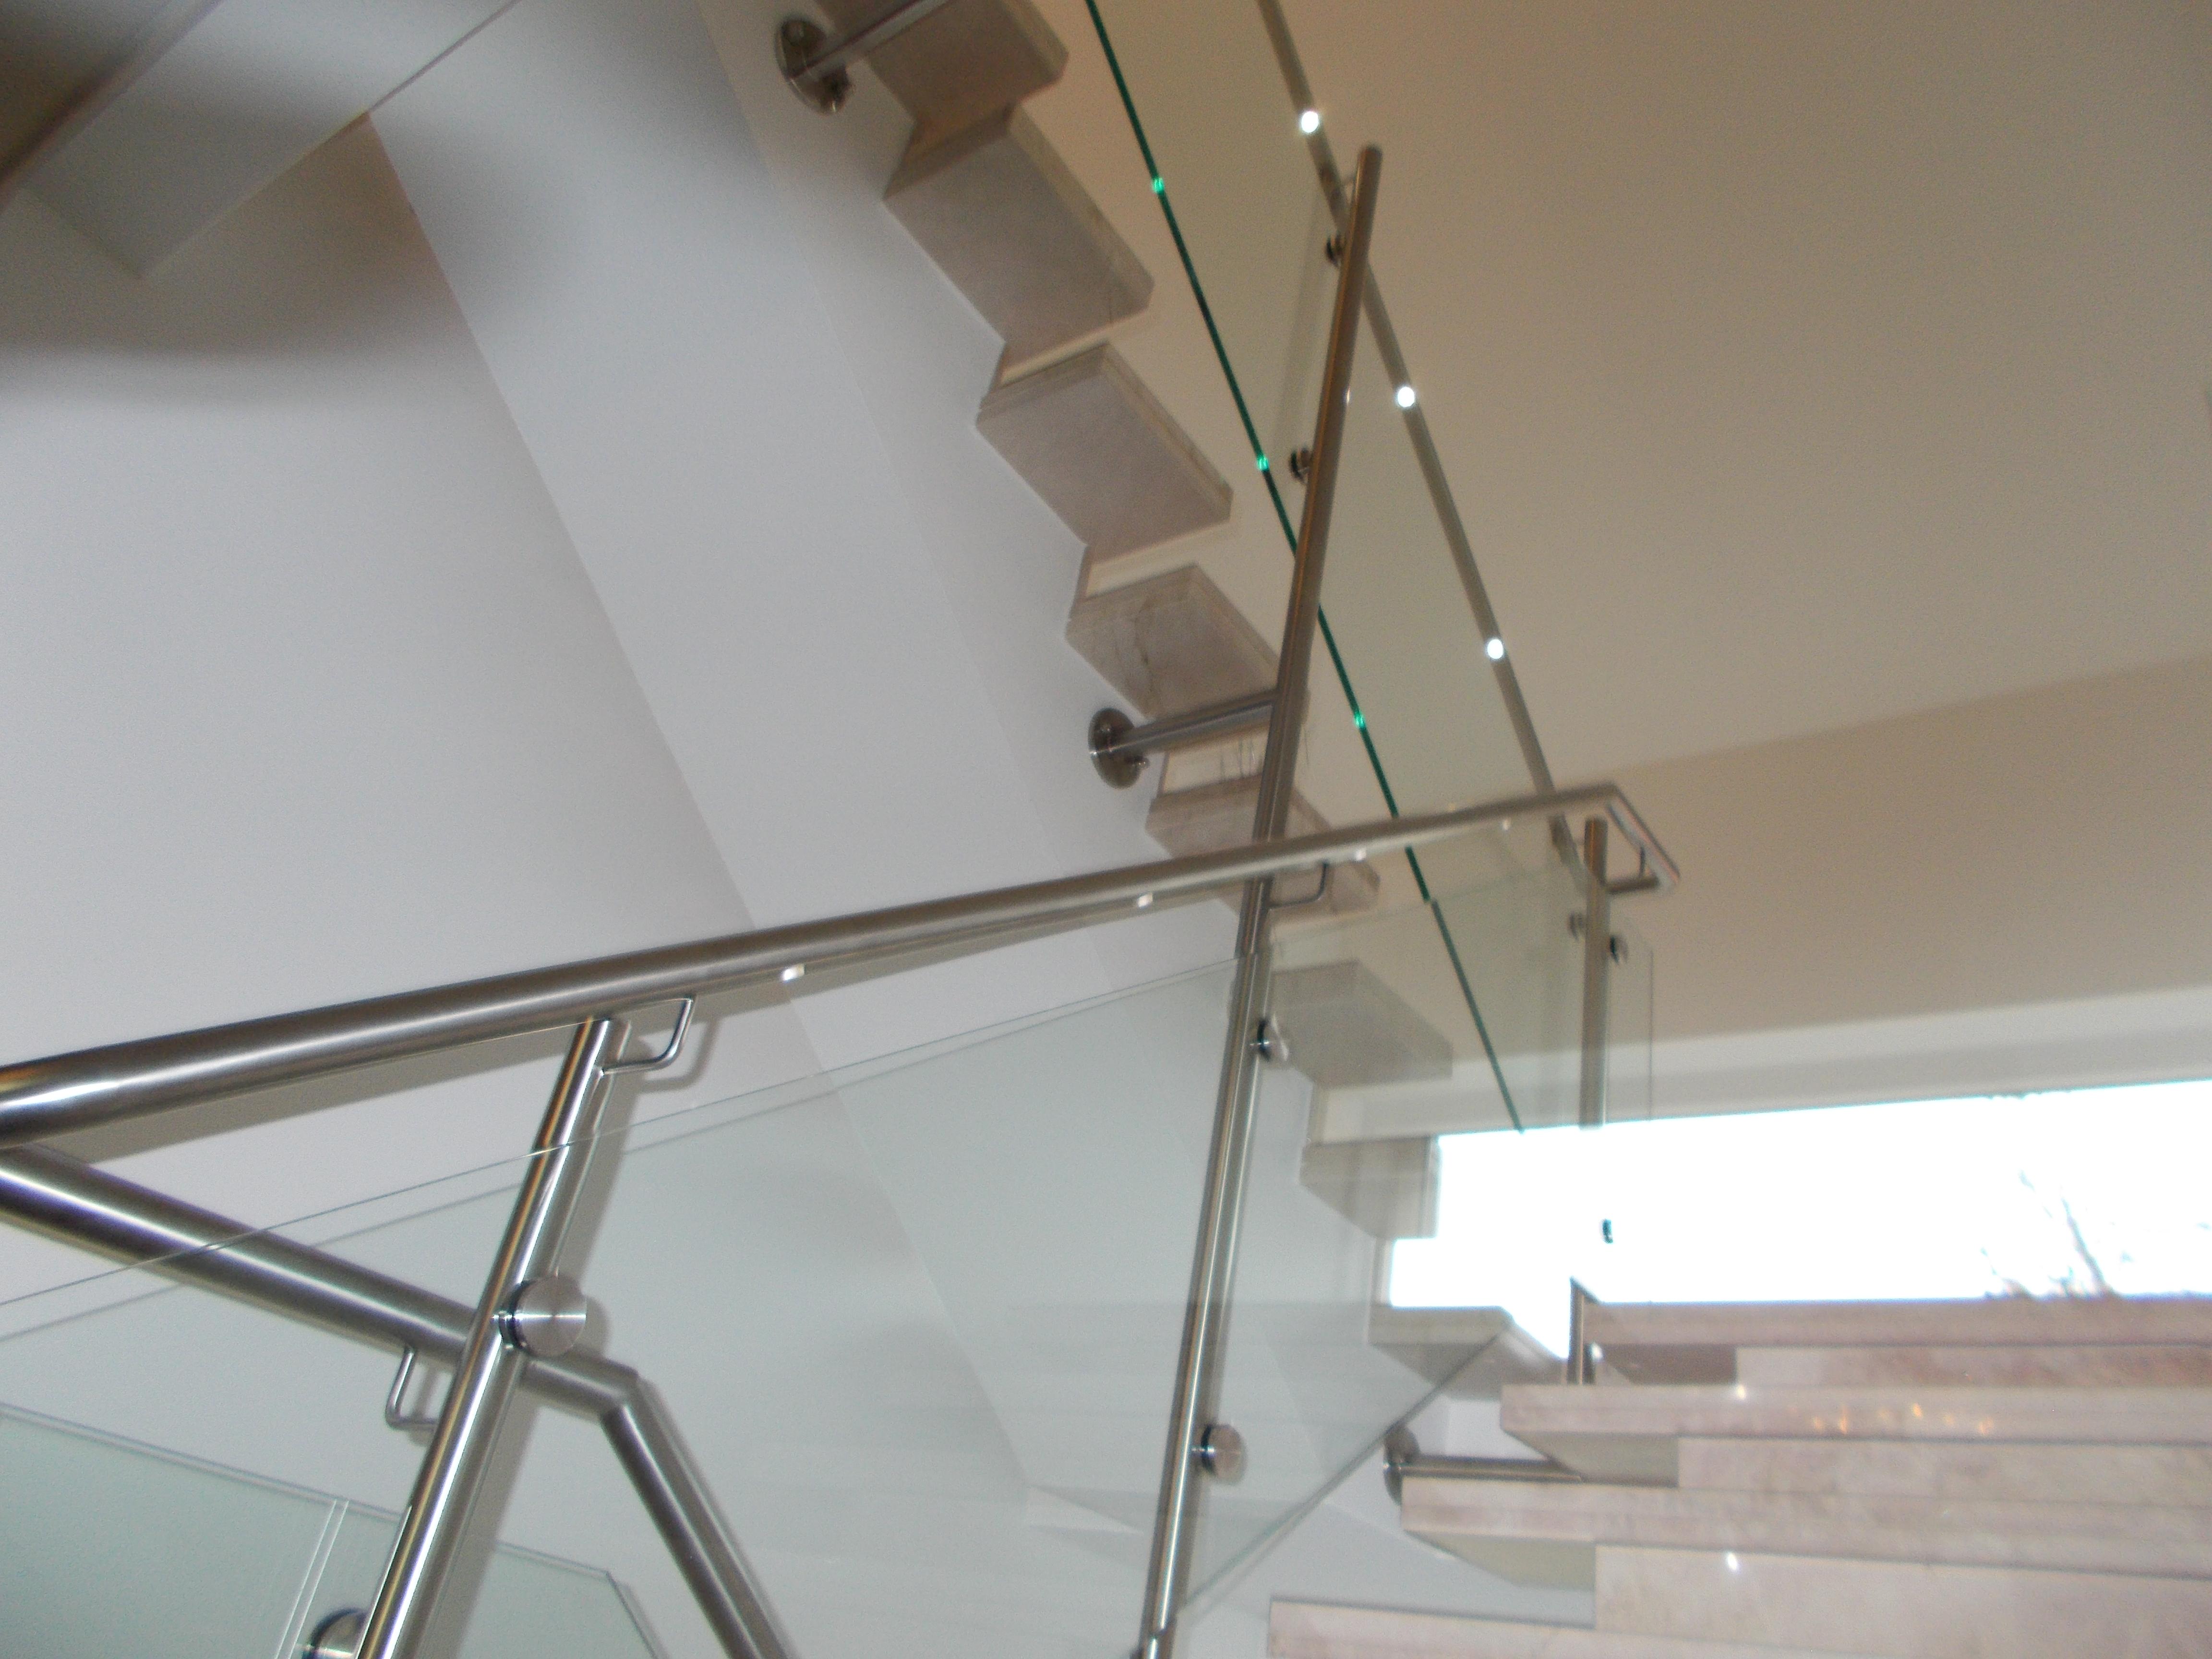 Treppenhausgeländer mit LED Beleuchtung | Stahlbau Nägele